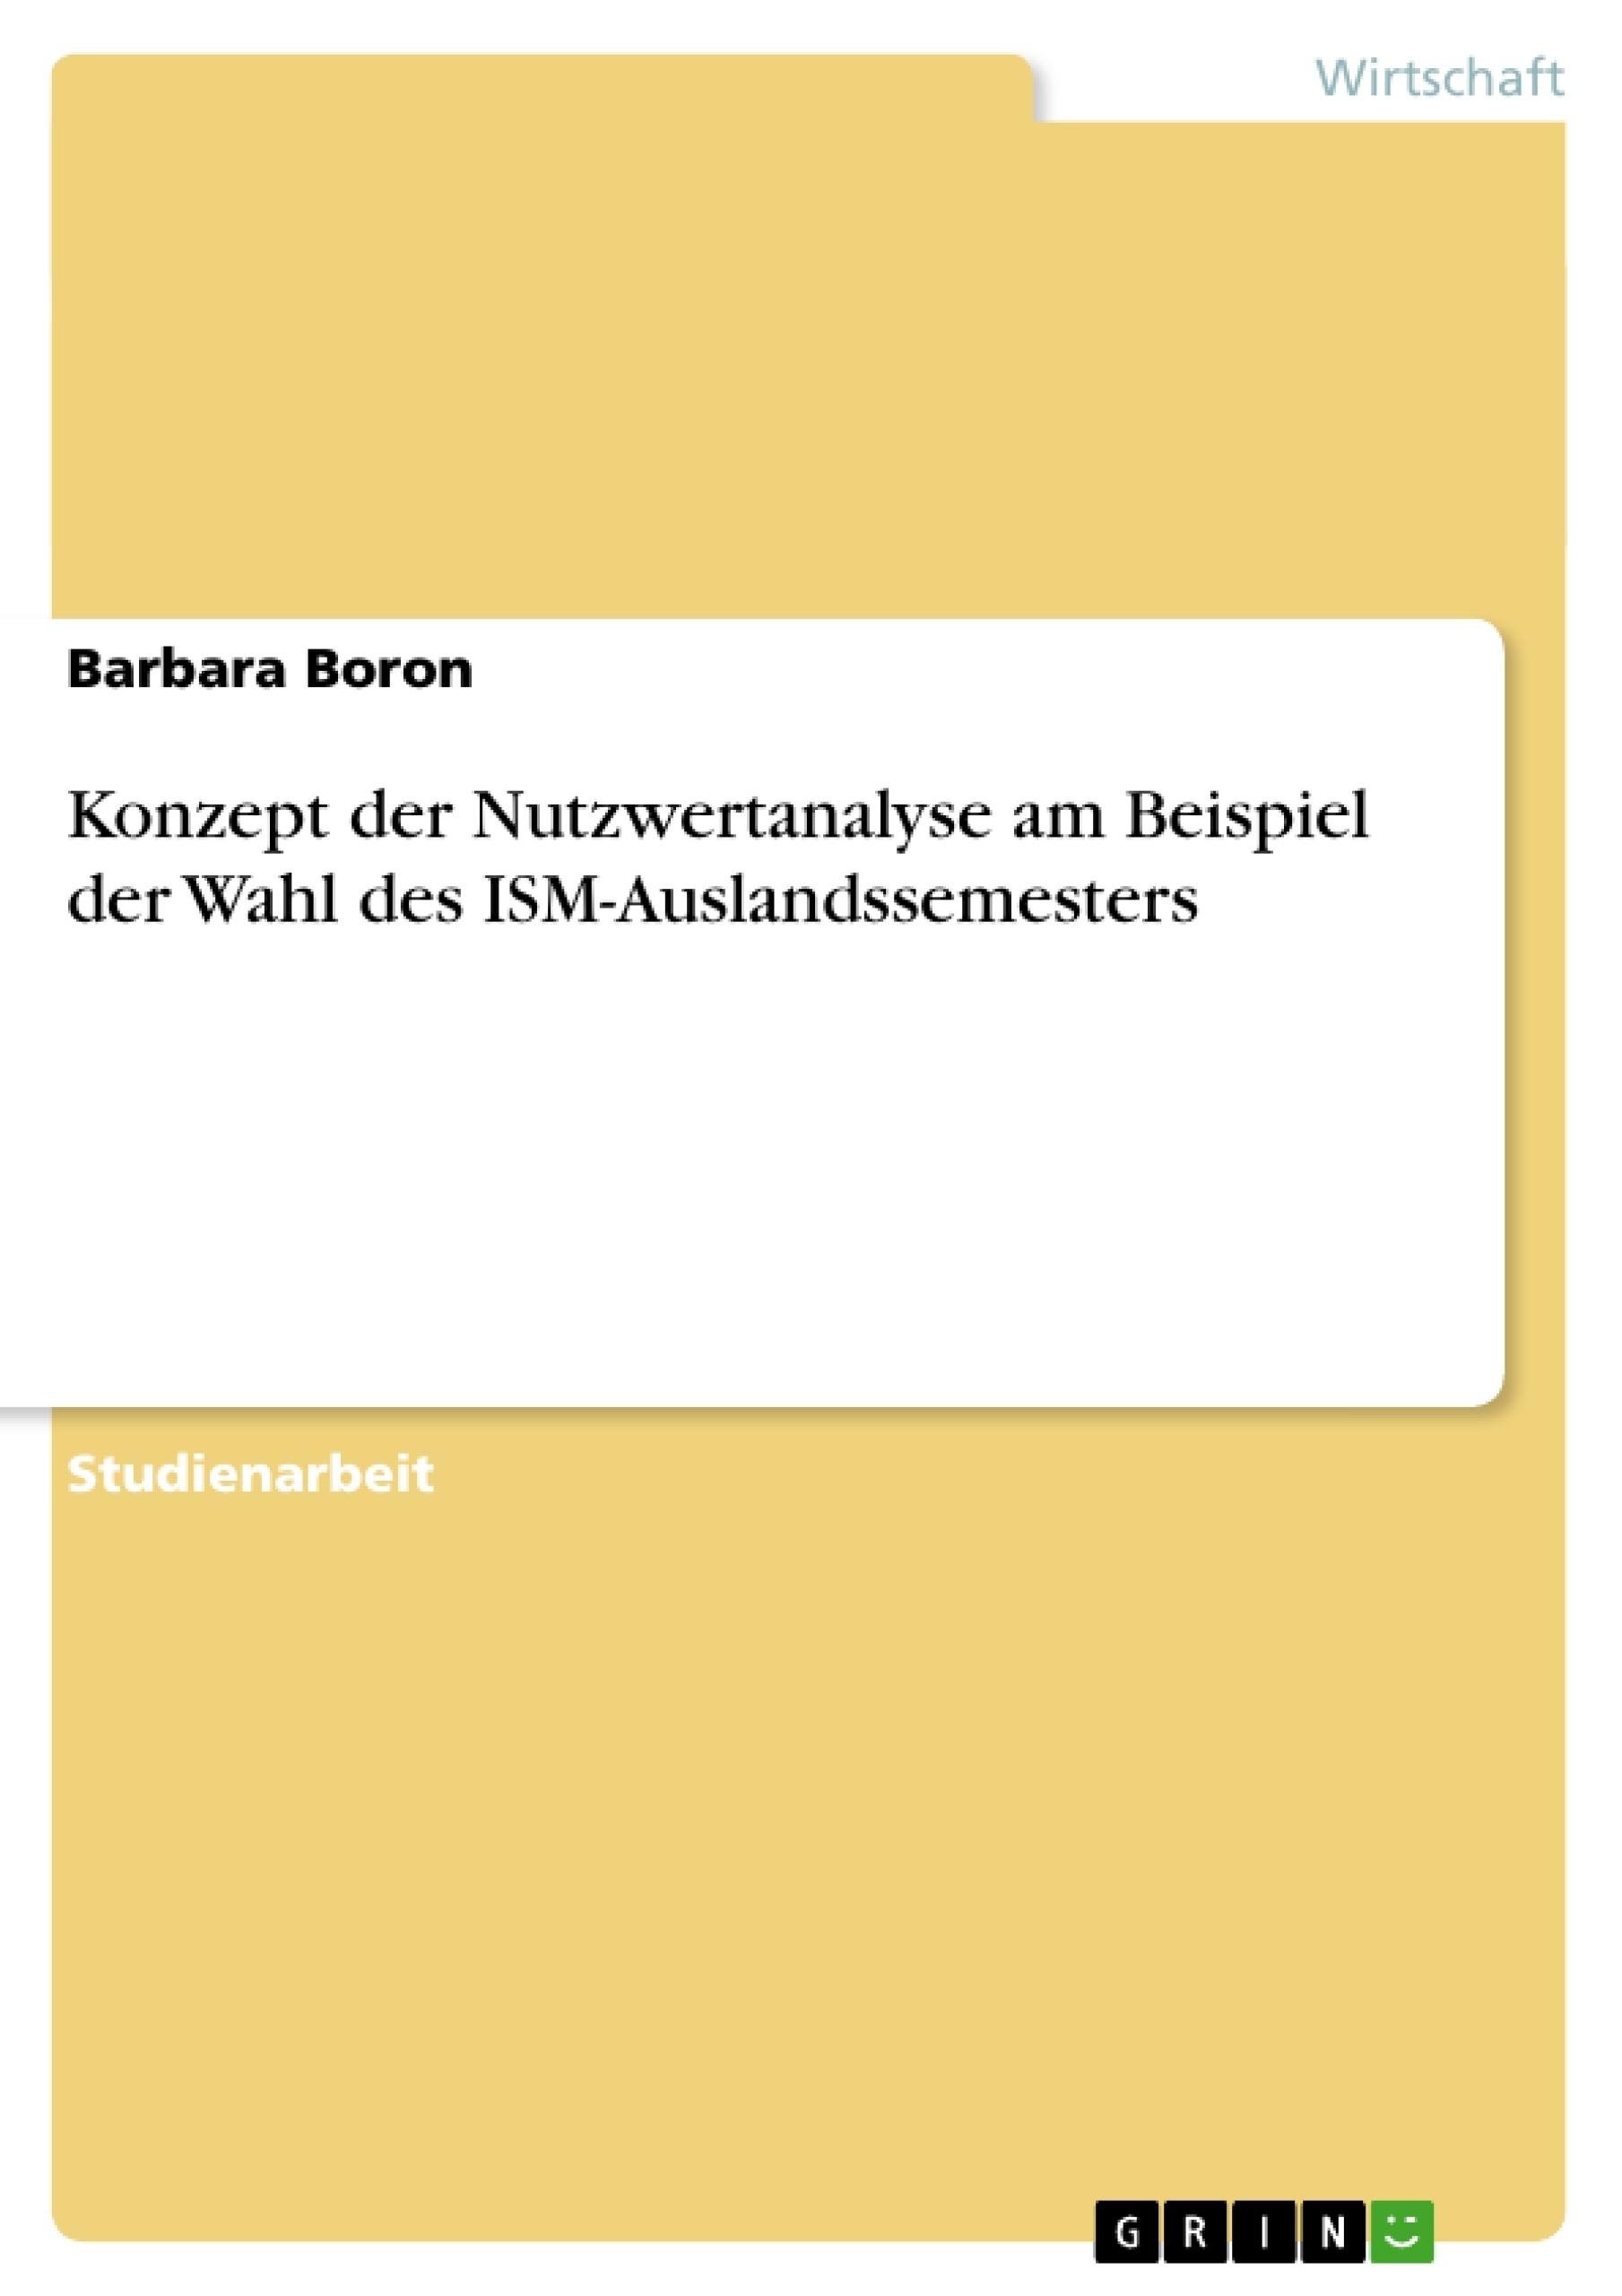 Titel: Konzept der Nutzwertanalyse am Beispiel der Wahl des ISM-Auslandssemesters